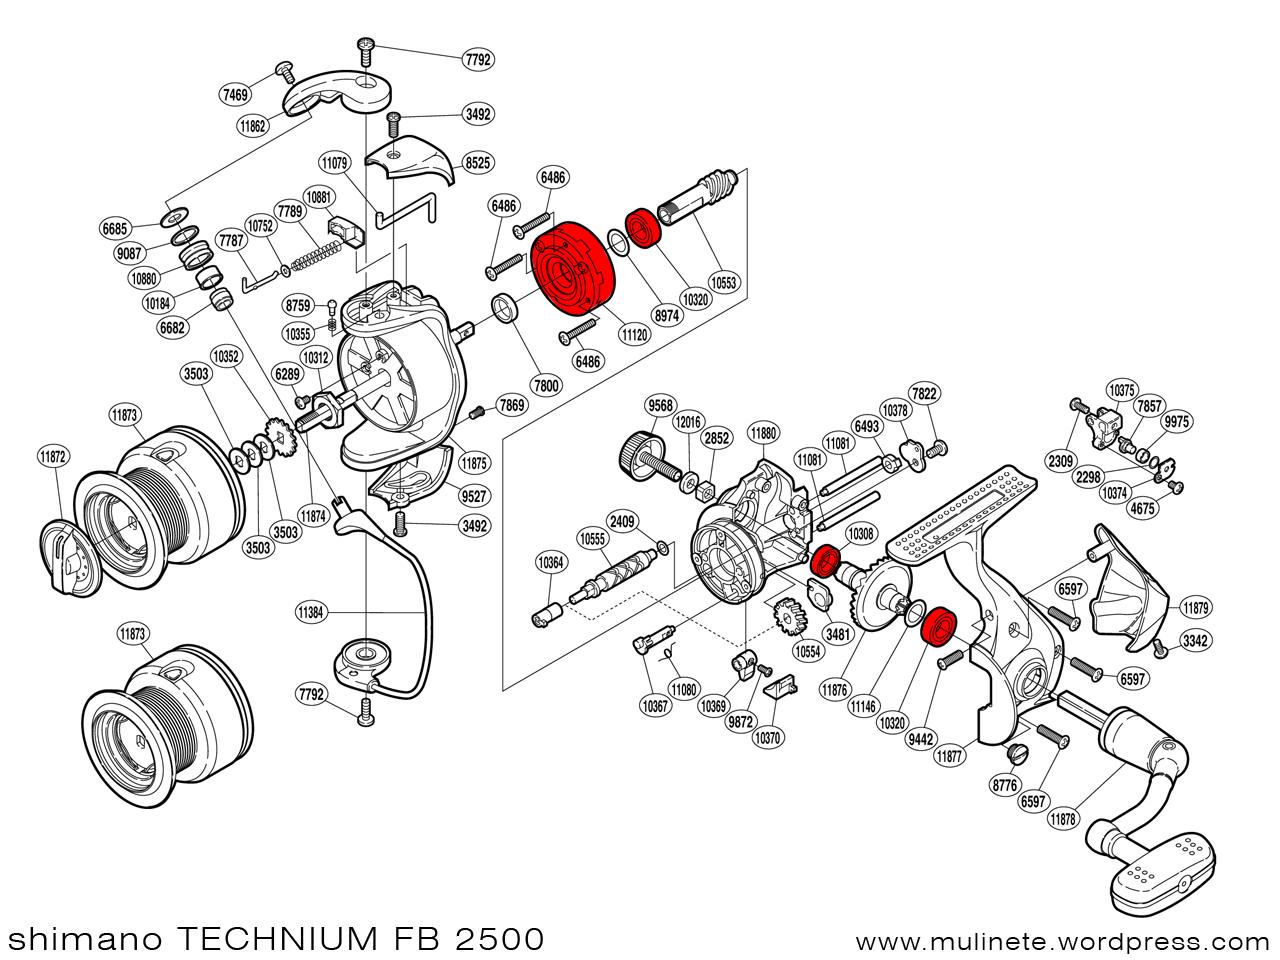 Shimano Technium Fb